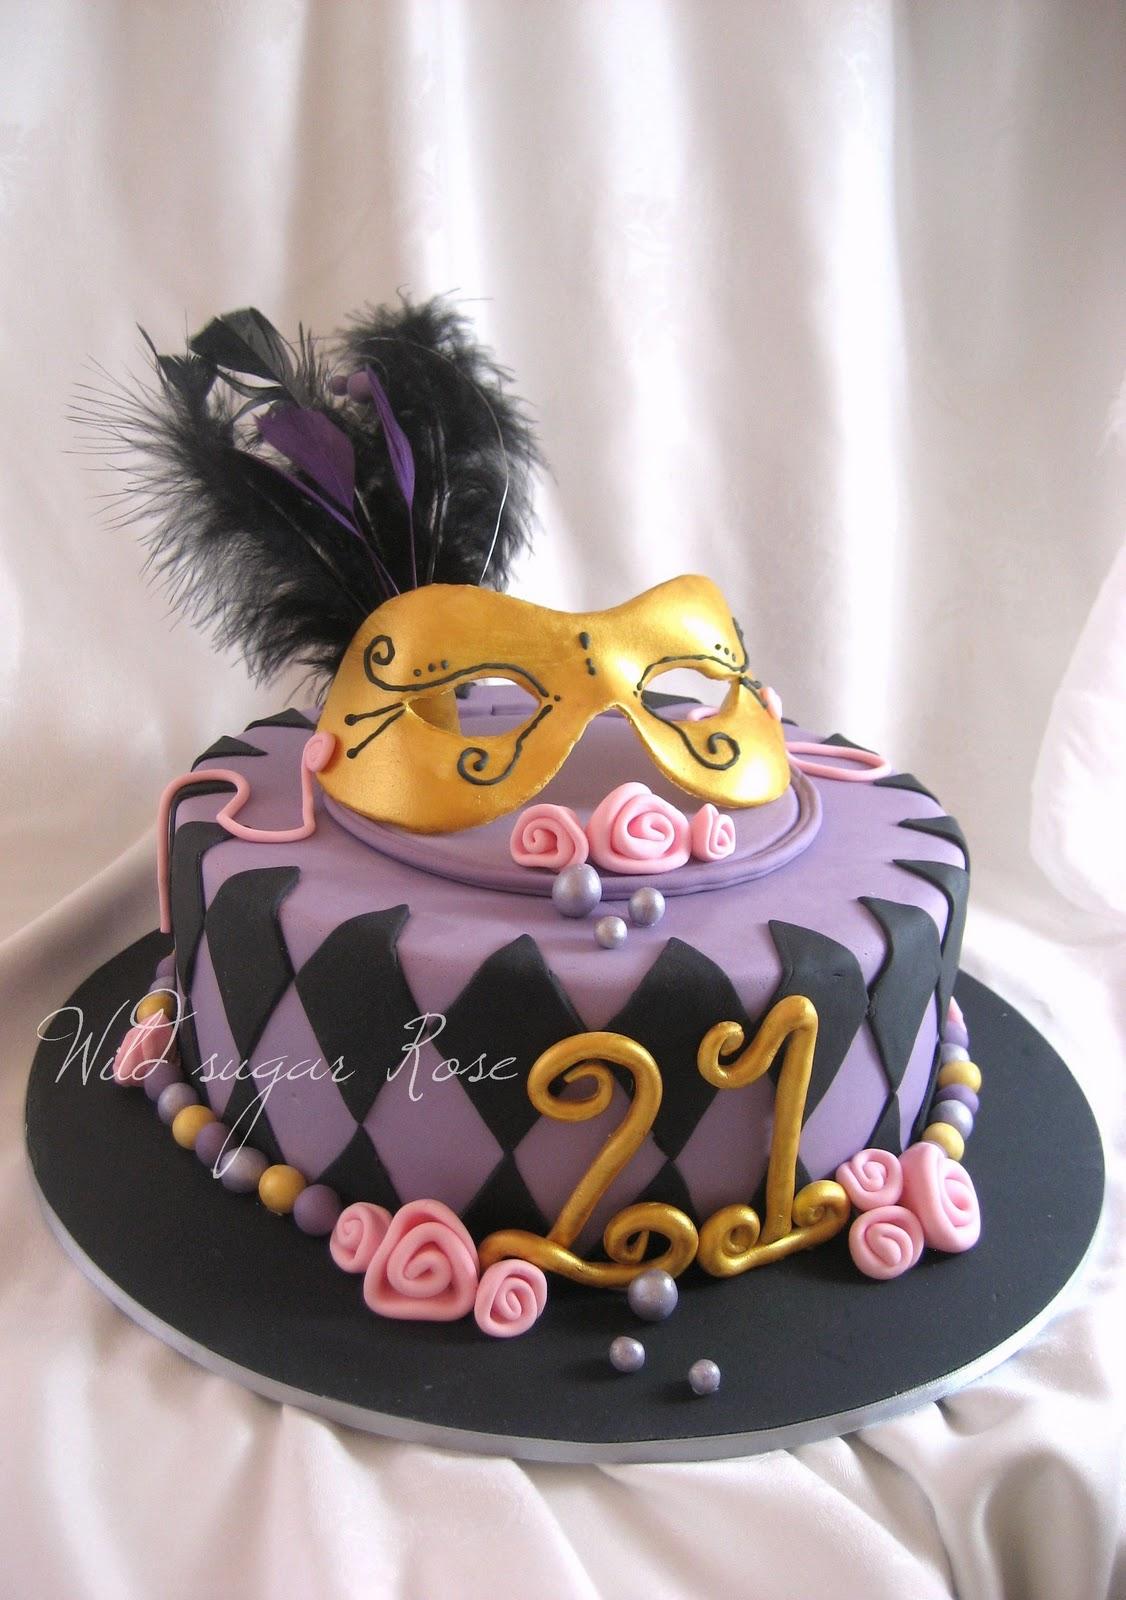 Cake Decorating Classes Perth